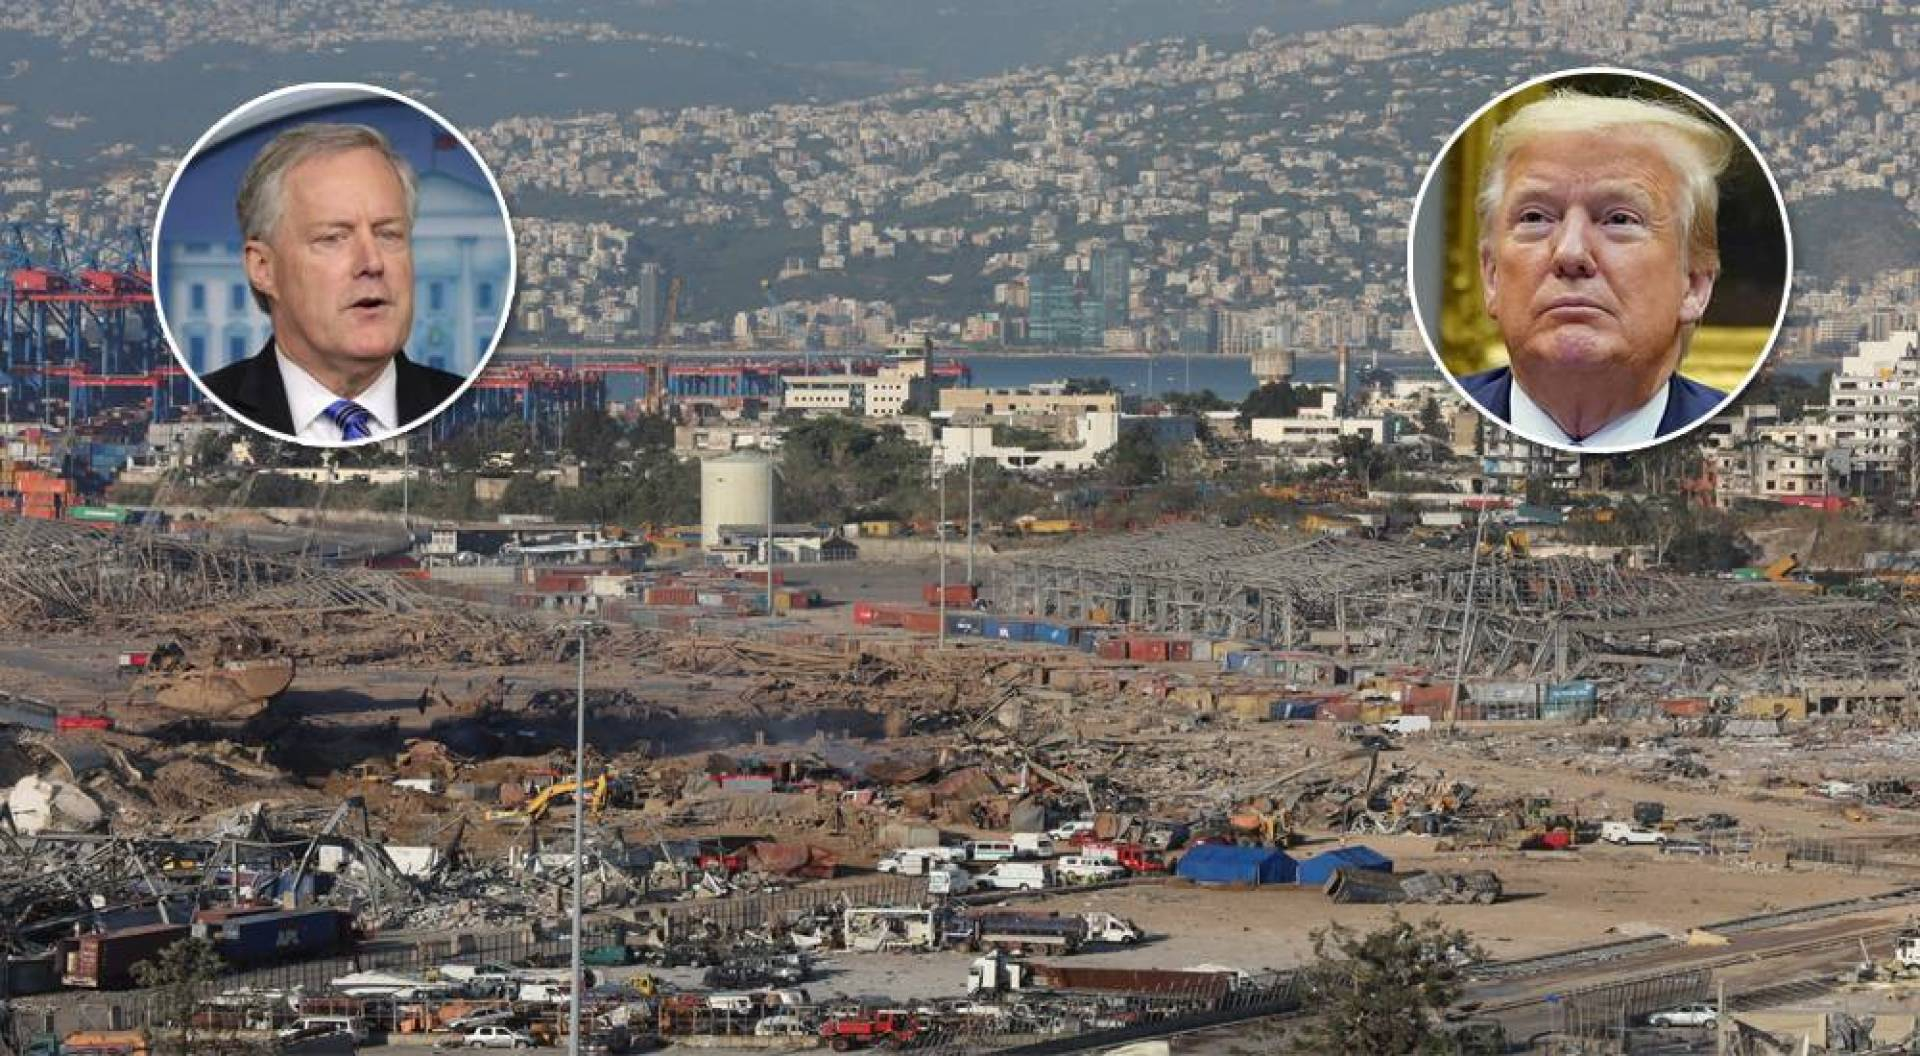 كبير موظفي البيت الأبيض: أميركا لم تستبعد أن يكون انفجار بيروت نتيجة هجوم